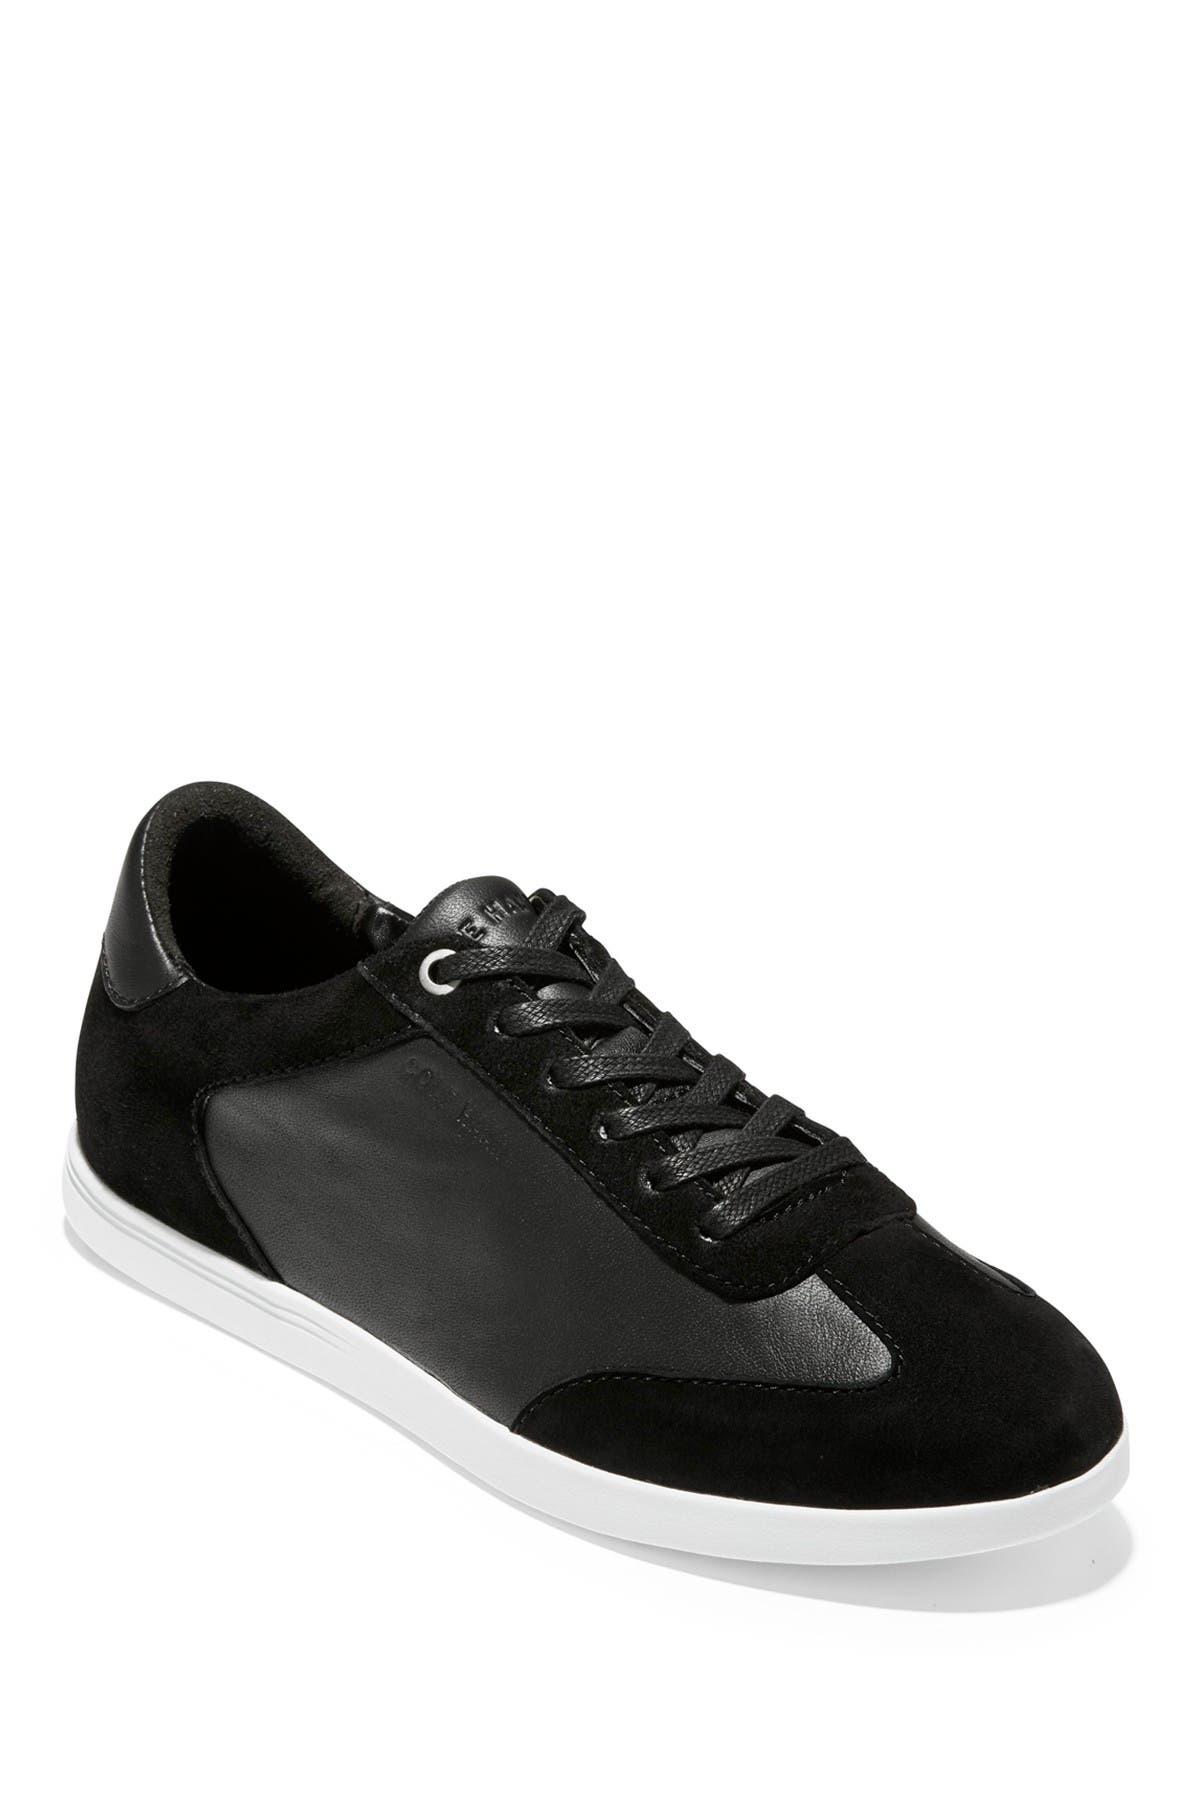 Image of Cole Haan Zerogrand Crosscourt Turf Sneaker